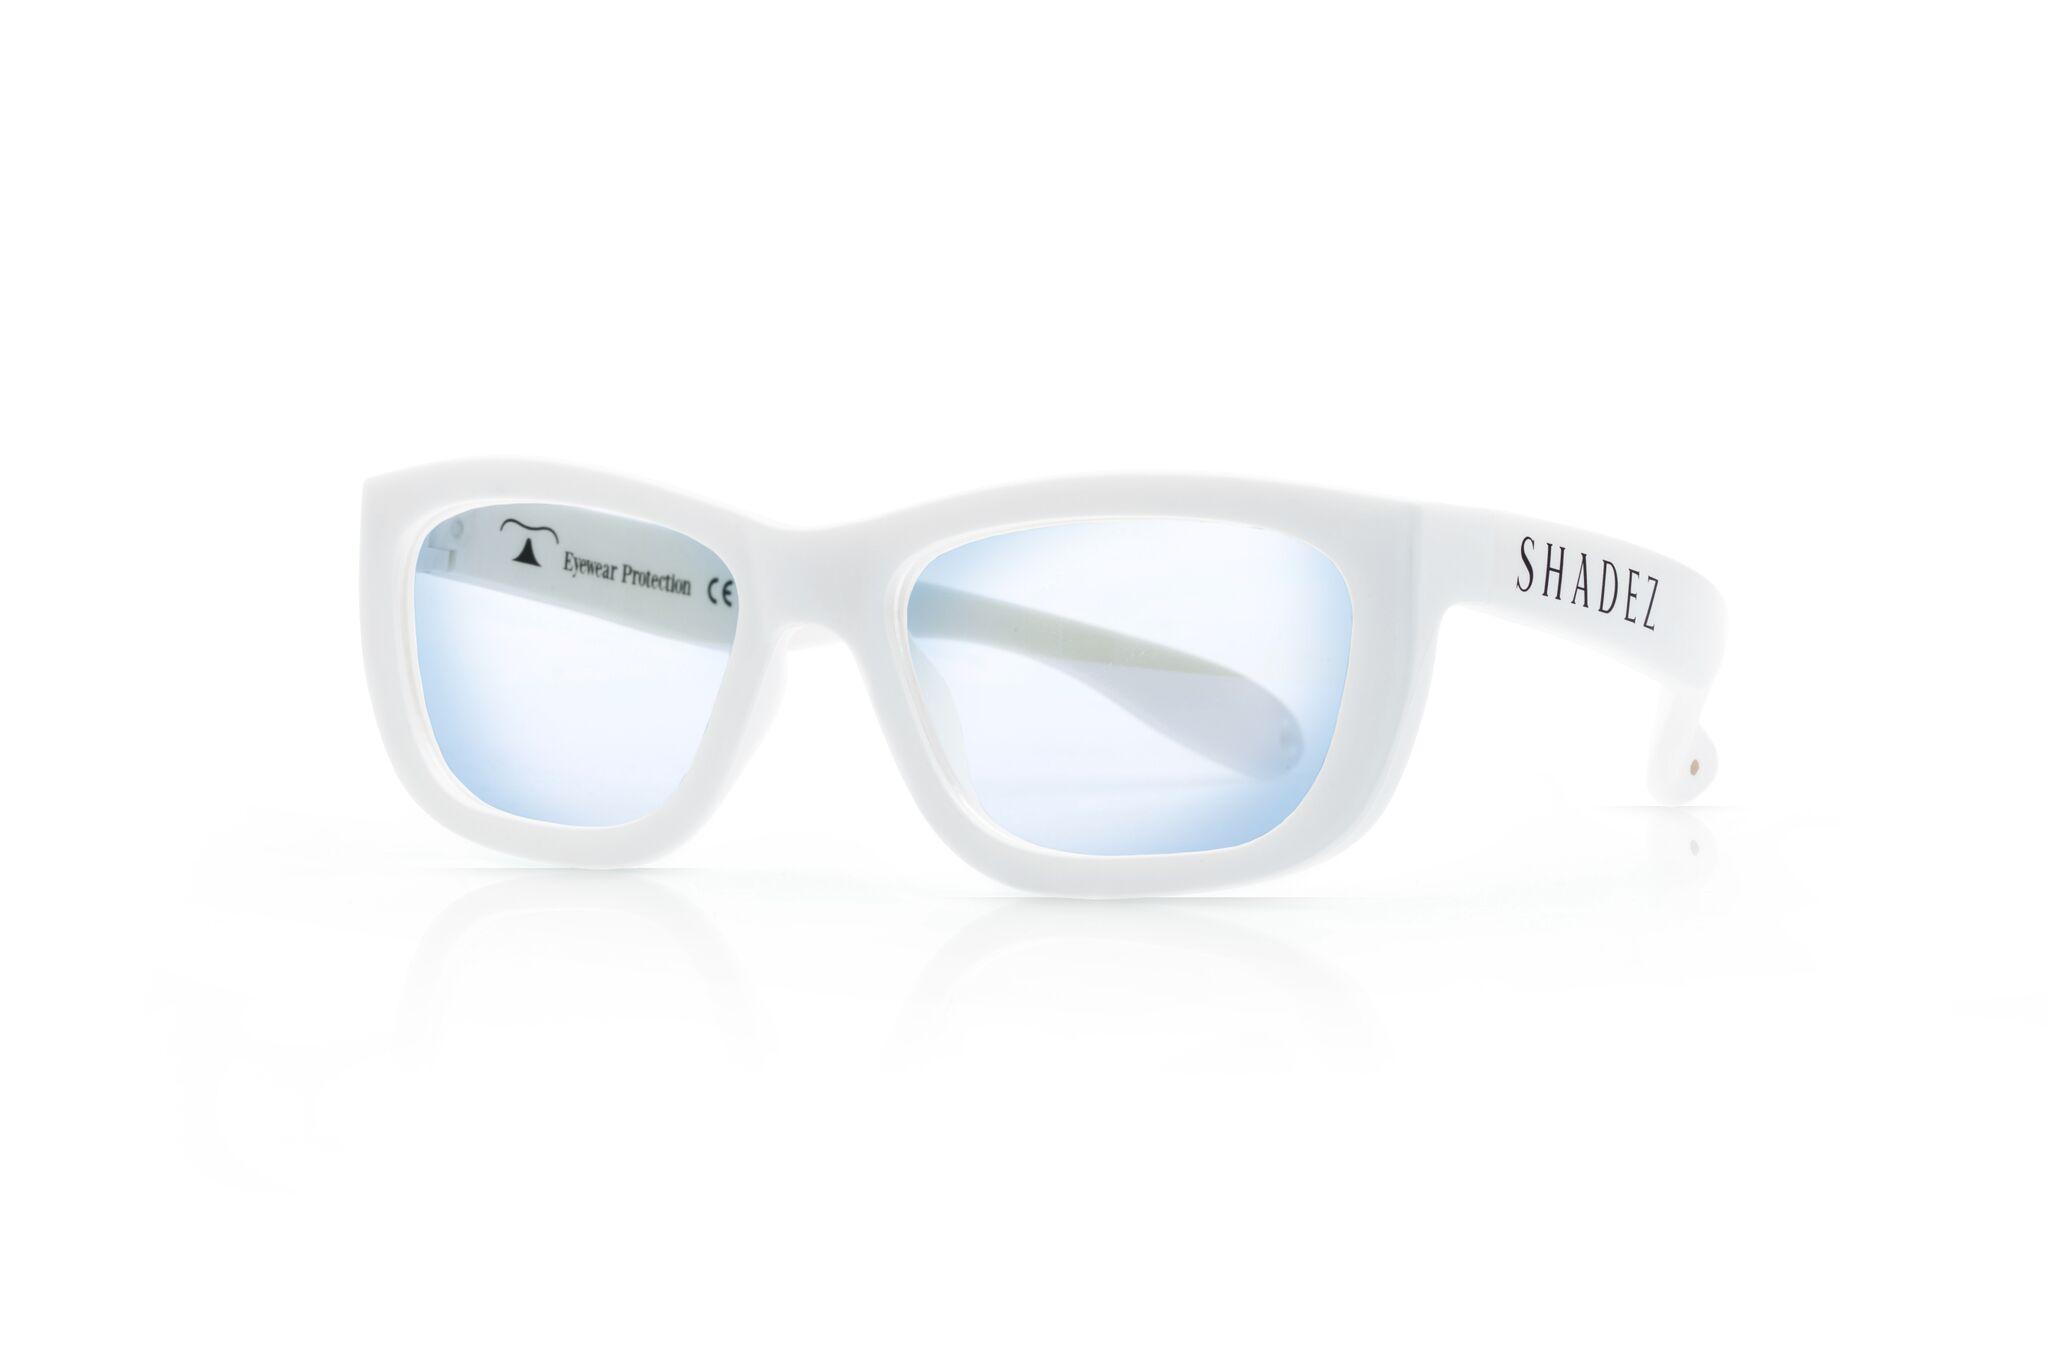 SHADEZ Blue Light White Teeny bērnu brilles digitālajām ierīcēm, 3-7 gadi SHZ 104 saulesbrilles